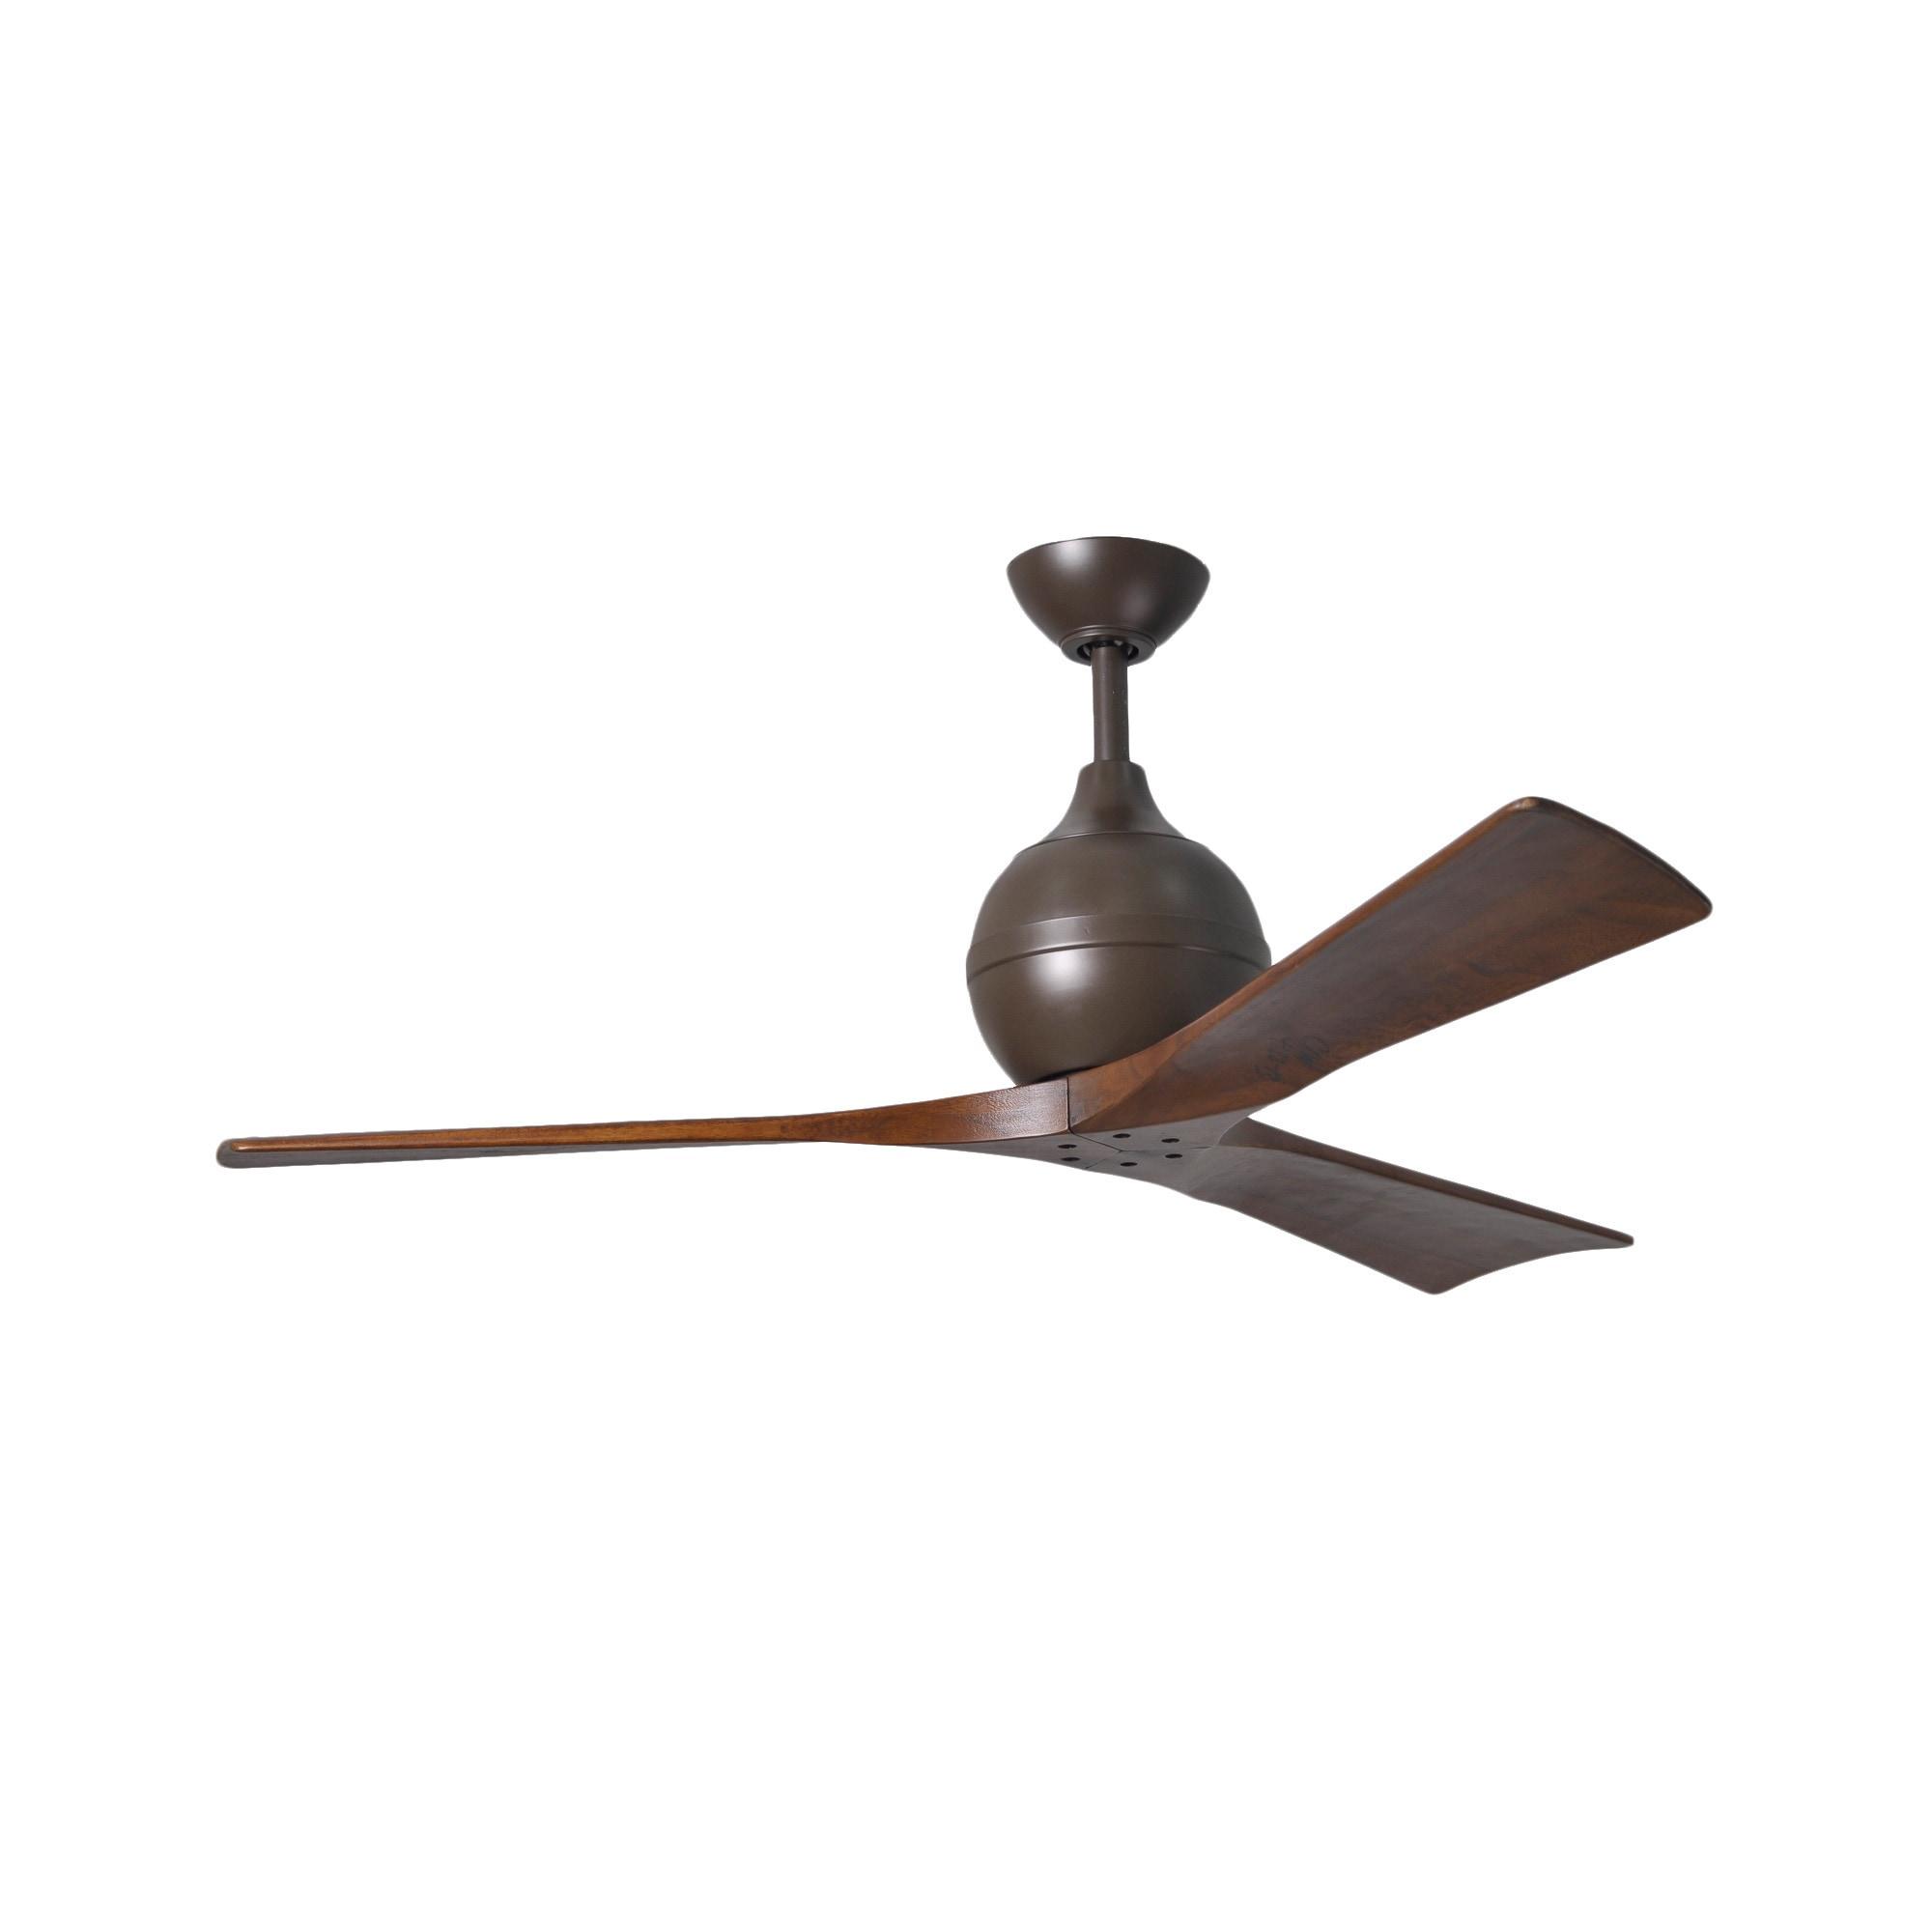 Matthews Fan pany Irene 3 blade Ceiling Fan Free Shipping